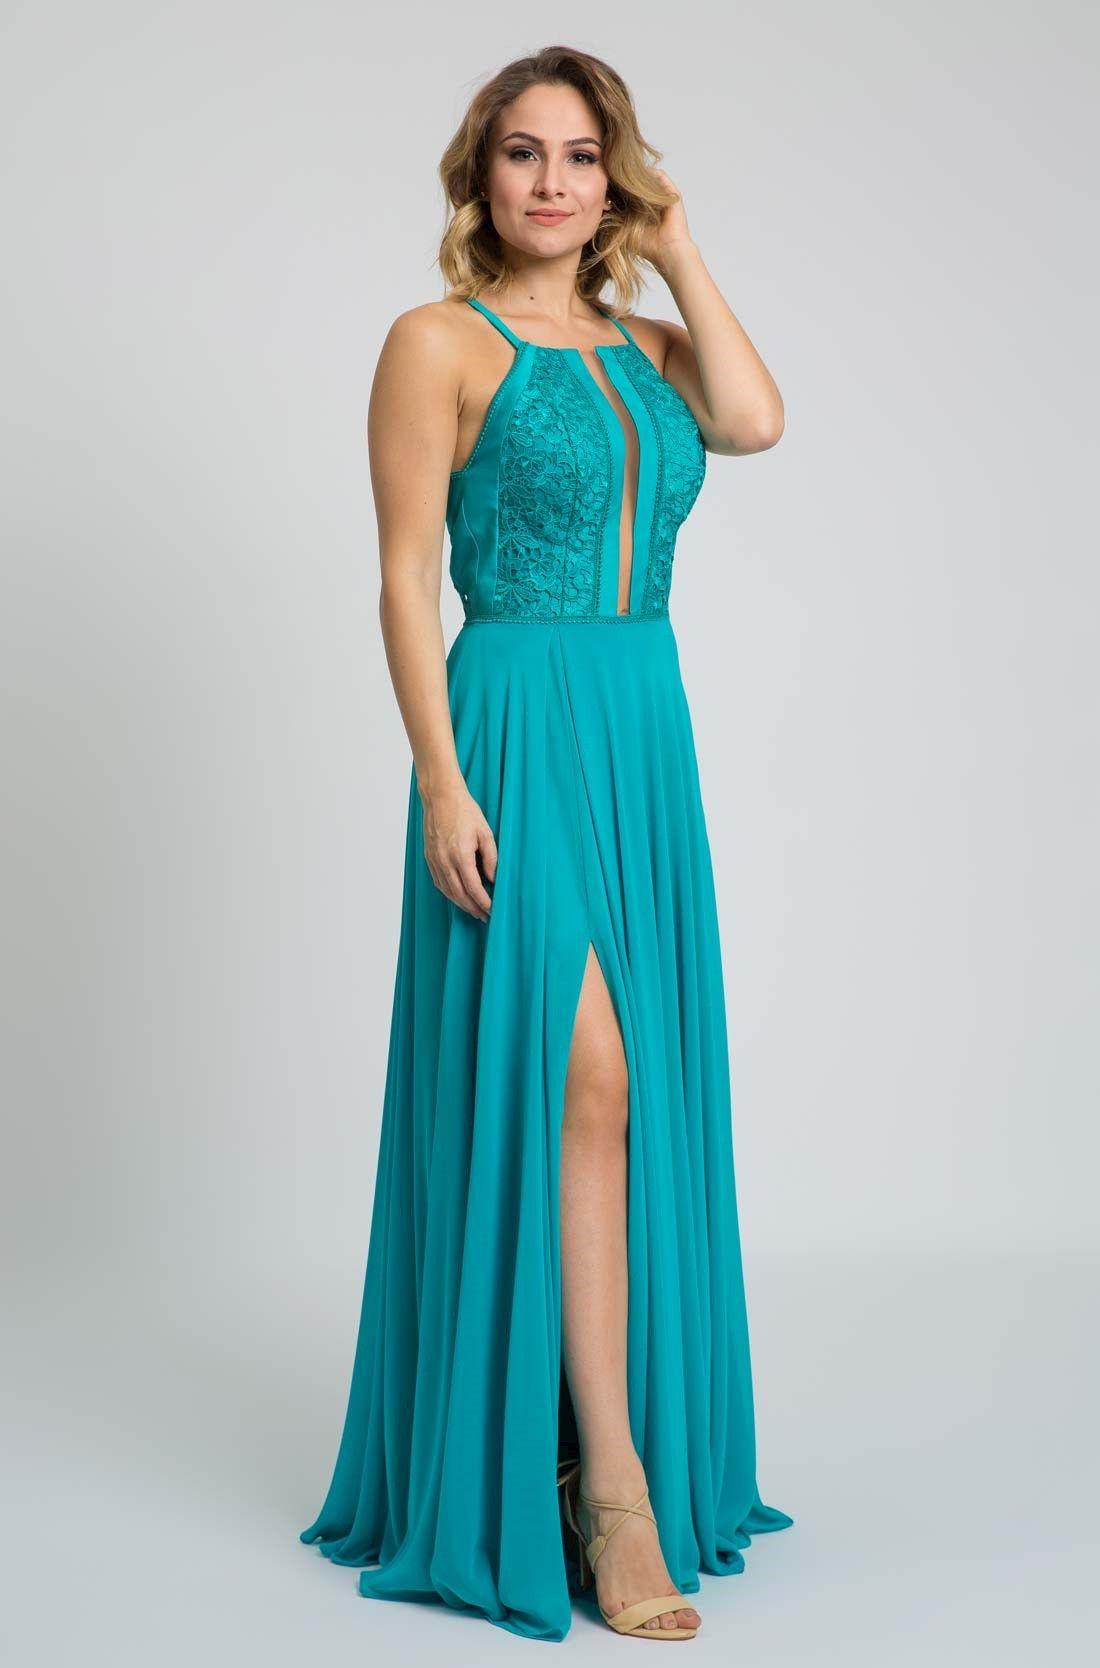 Vestido fenda cassiopéia dress designs glamour and teal